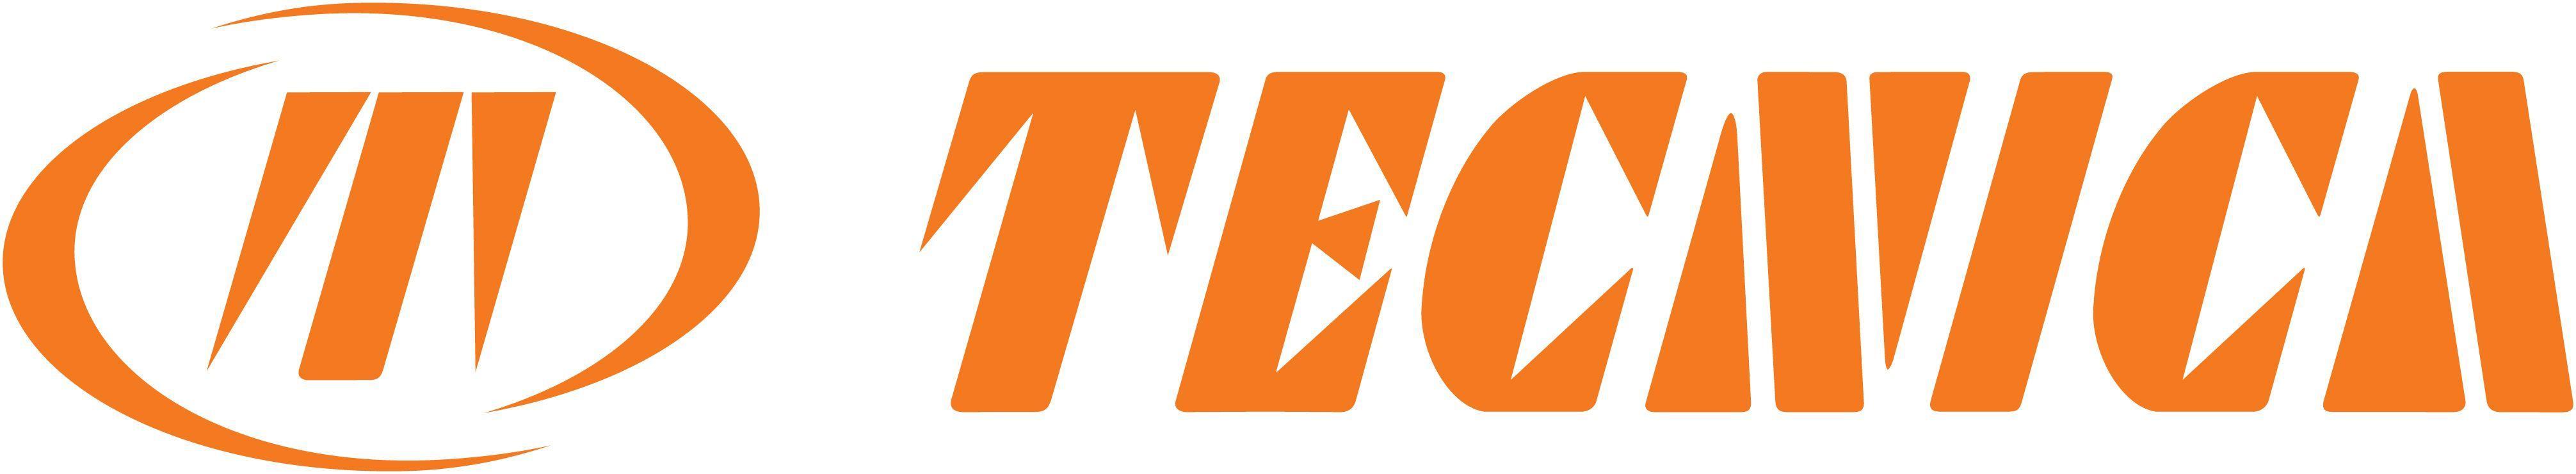 Tecnica Logo - LogoDix